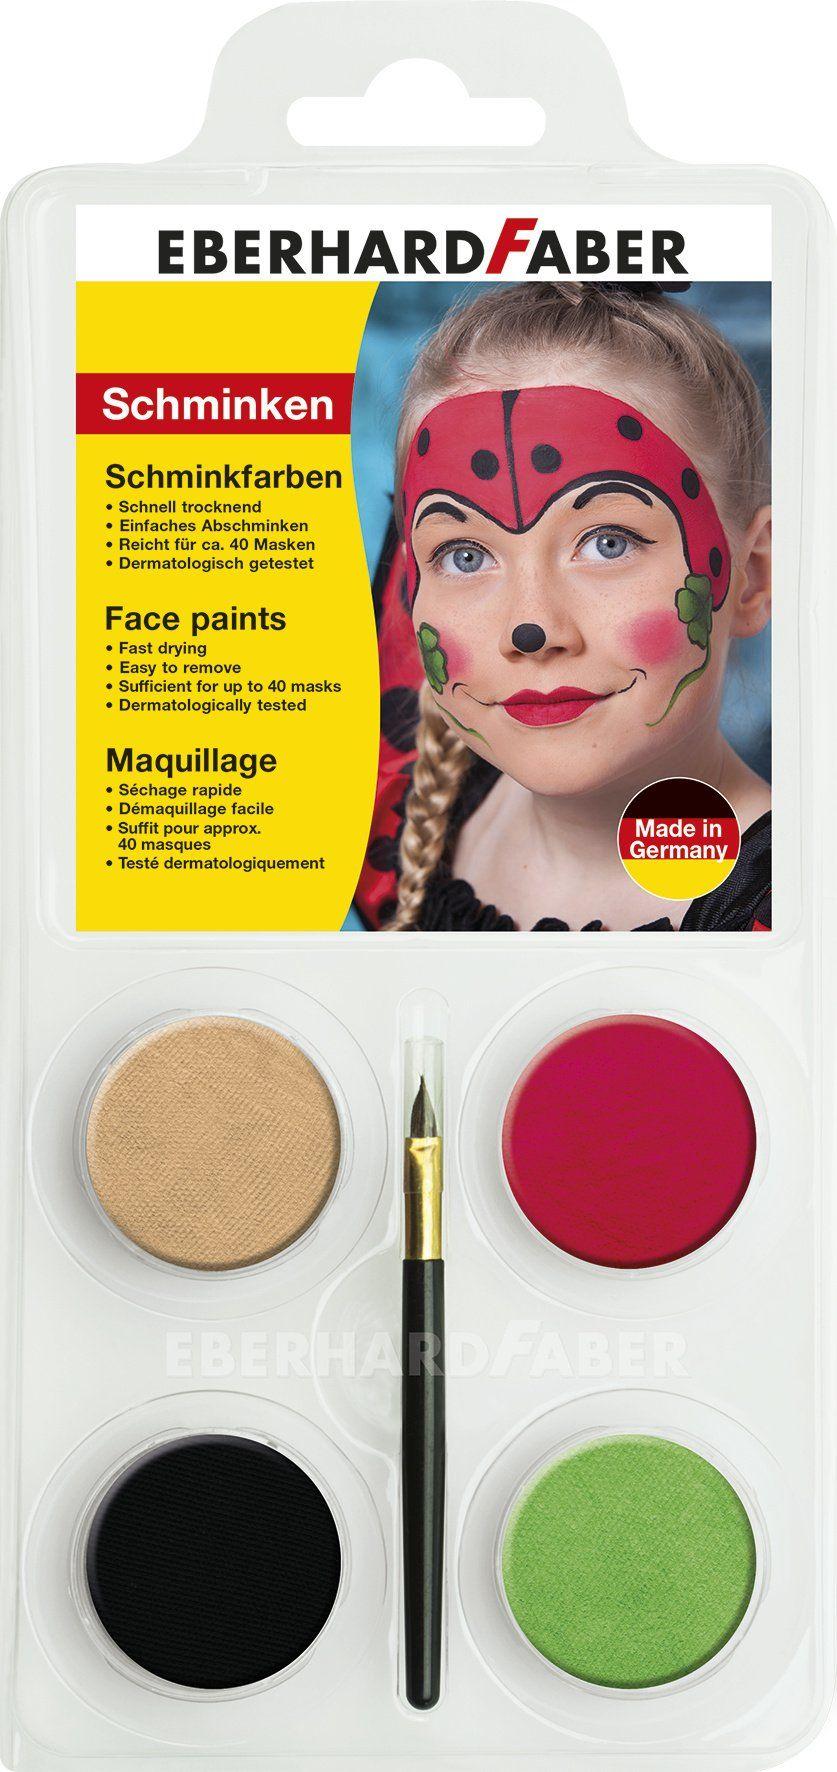 Eberhard Faber 579016  zestaw do makijażu dla dzieci biedronka, kolory złoty, czerwony, czarny i zielony, łącznie z pędzelkiem, rozpuszczalny w wodzie, szybkoschnący, do malowania twarzy